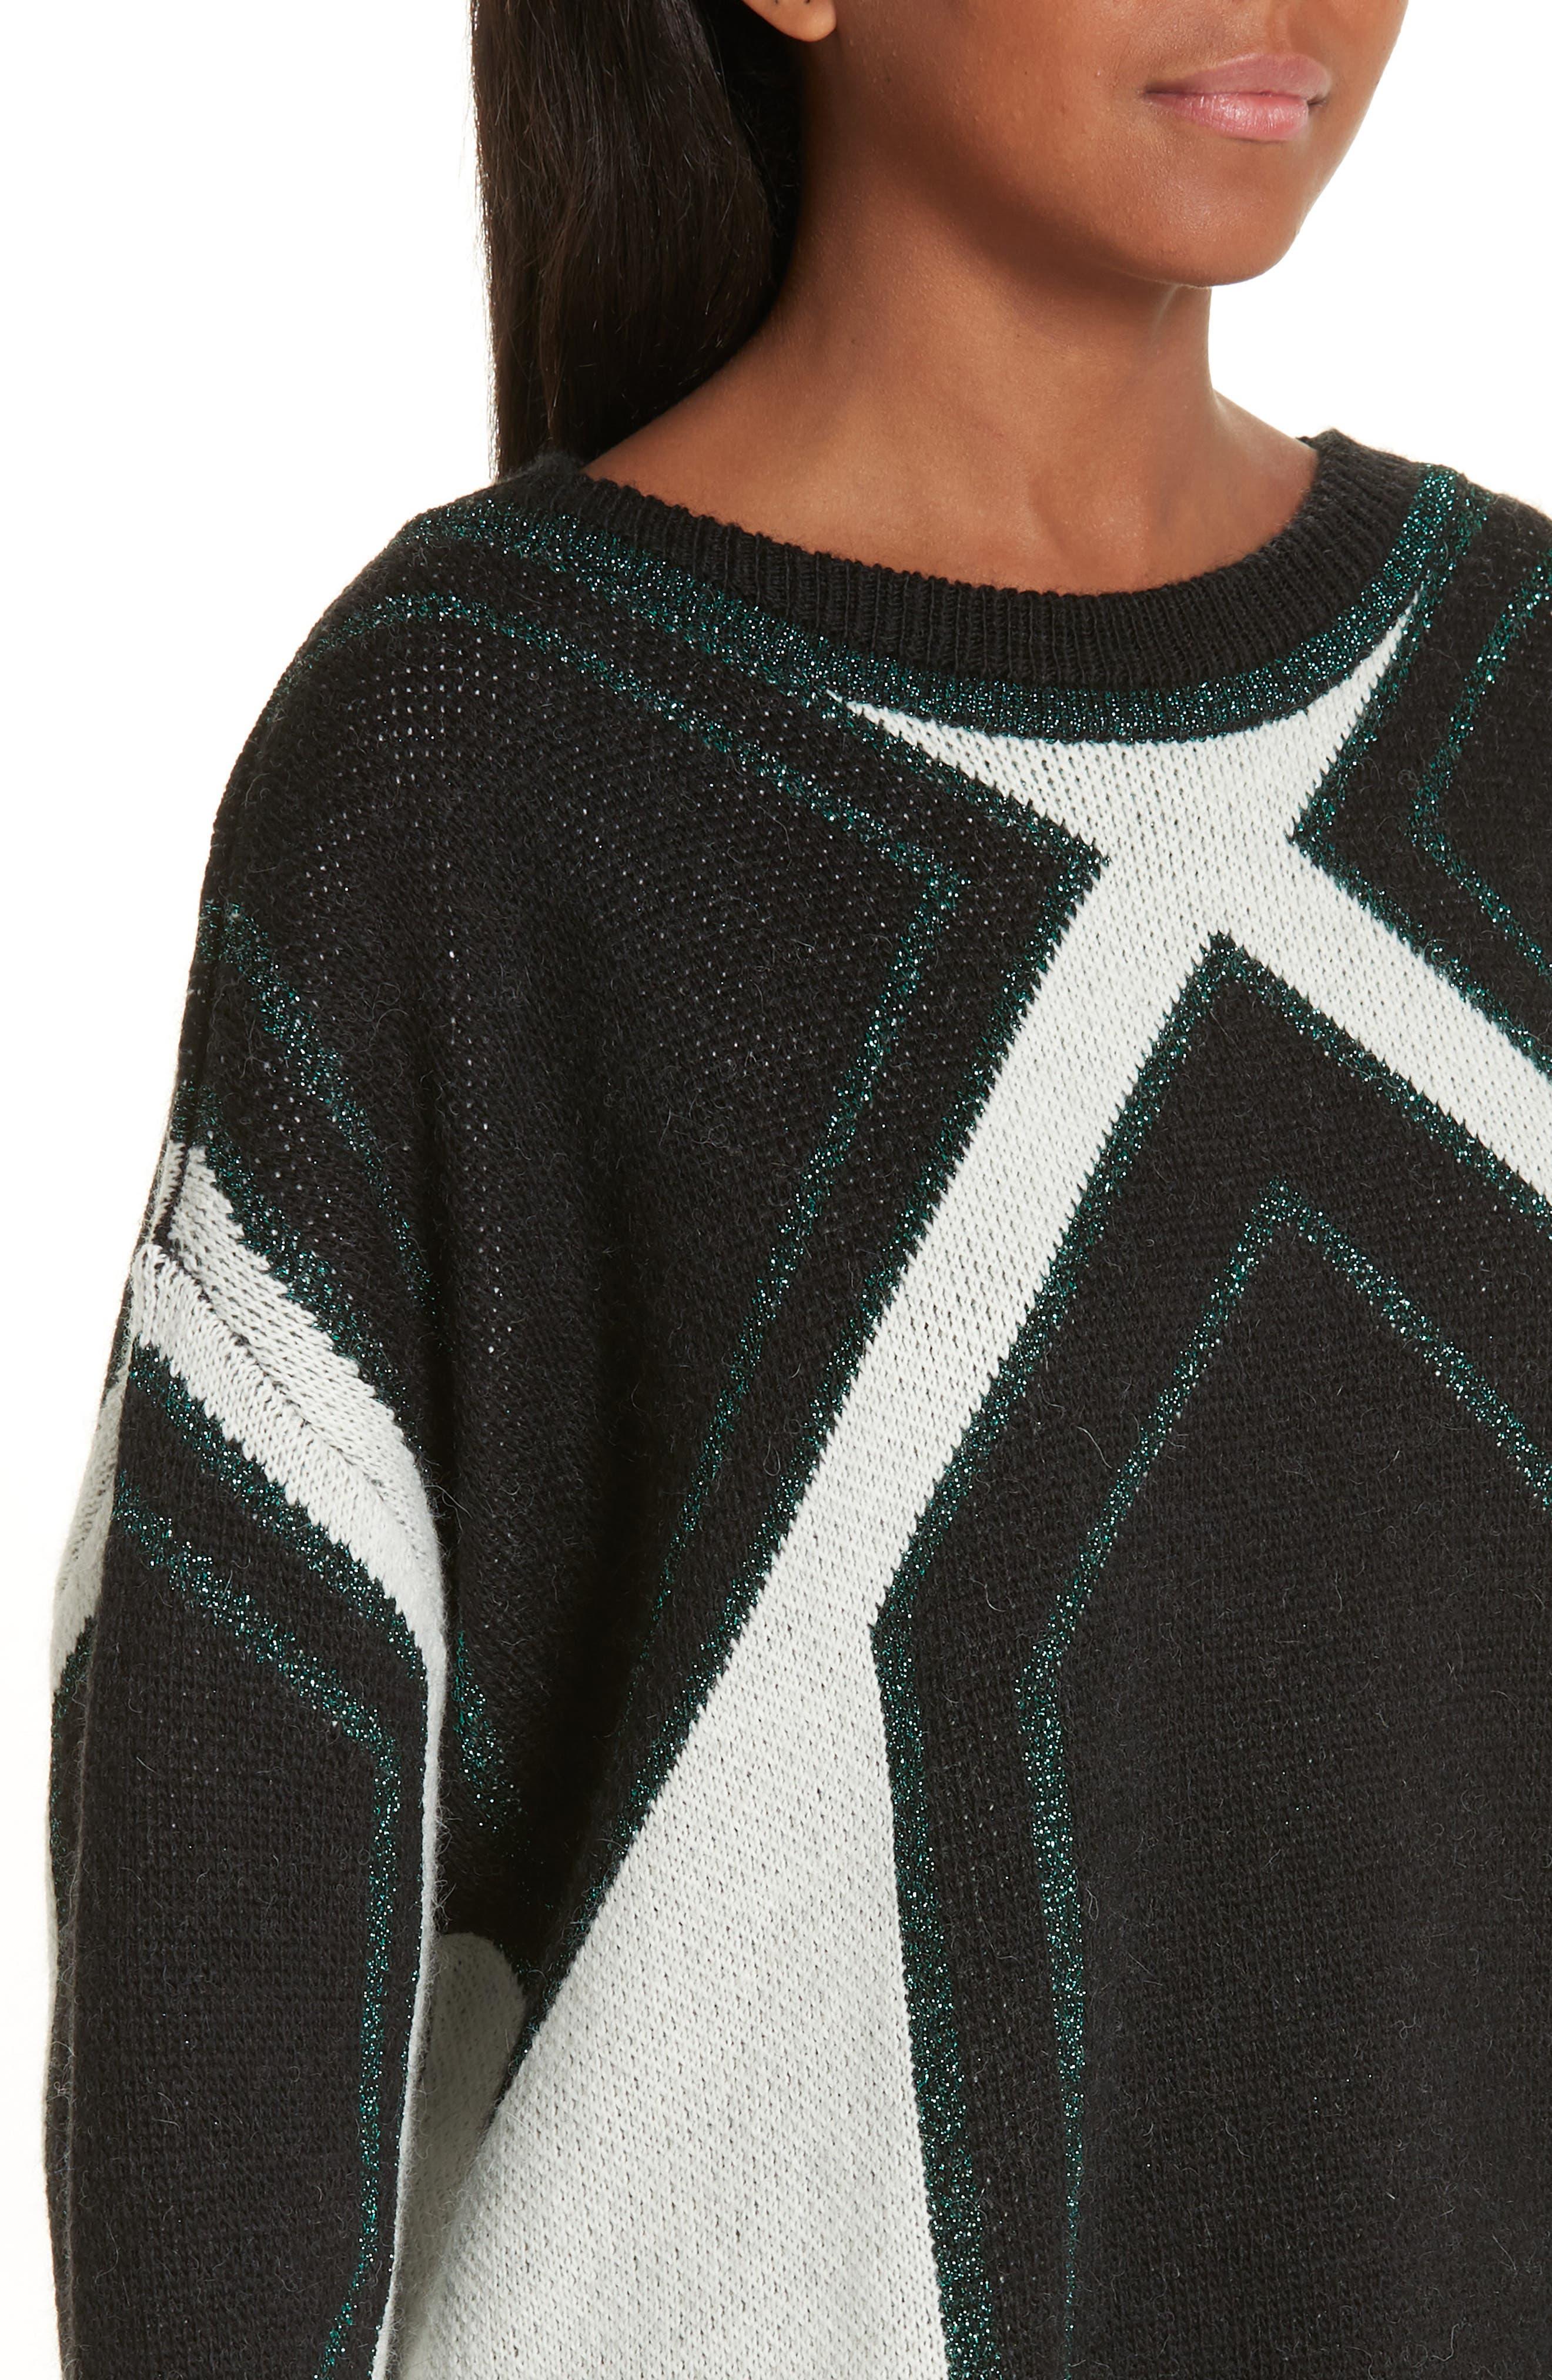 Velny Sweater,                             Alternate thumbnail 4, color,                             MULTI